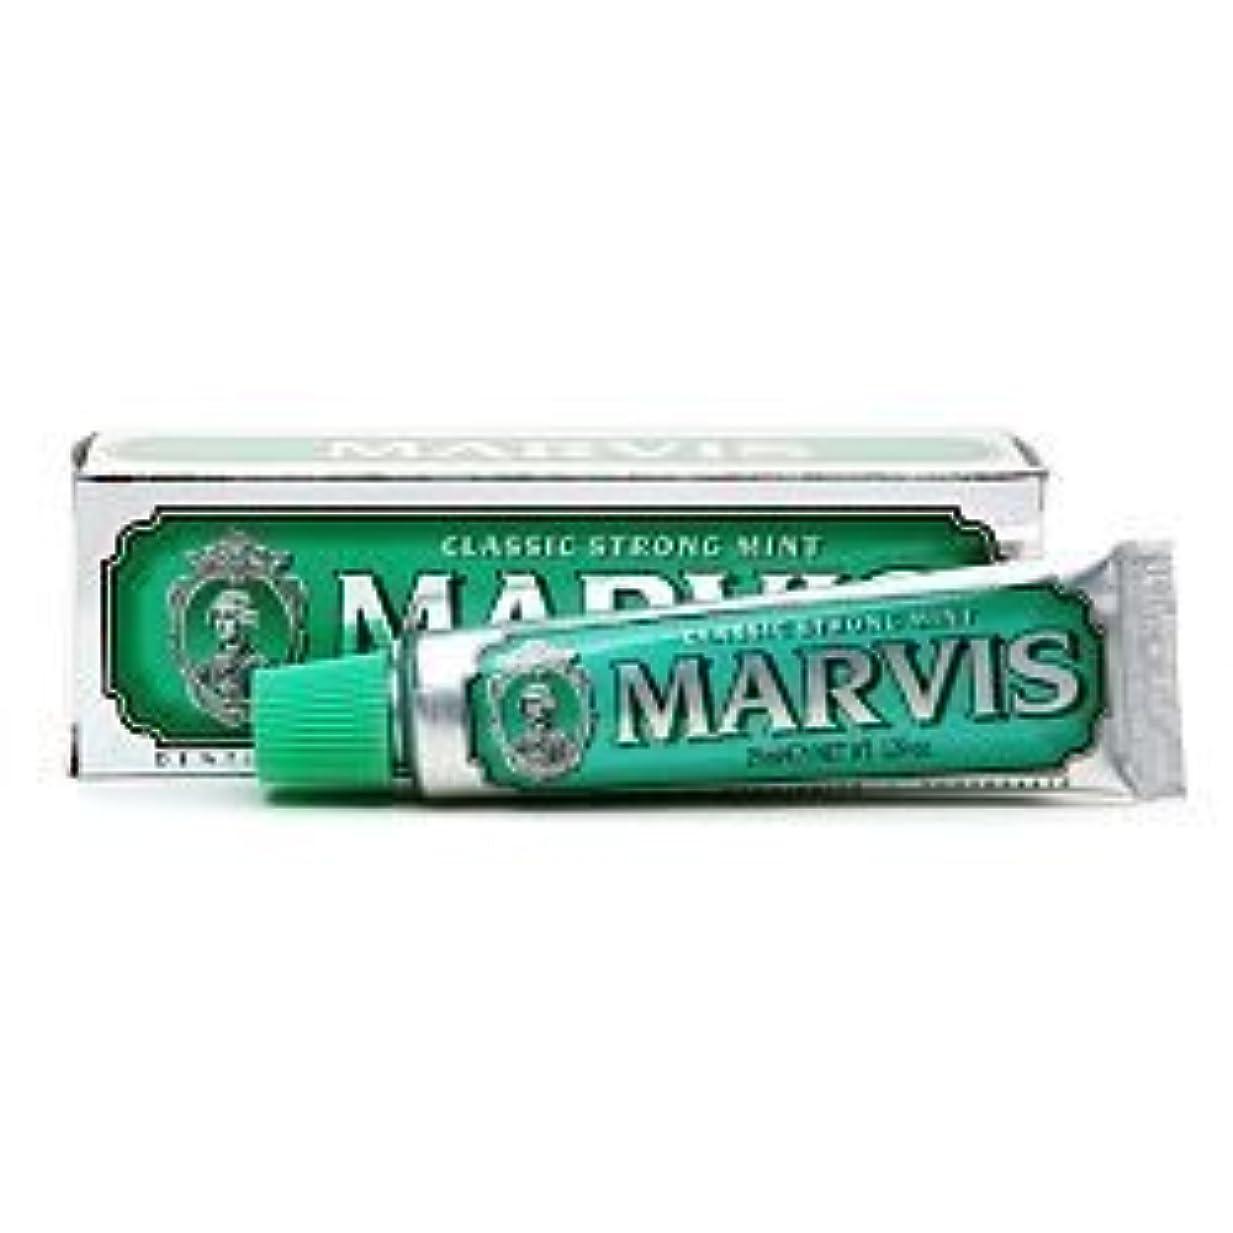 寝具応答批判するMarvis Travel Sized Toothpaste, Classic Strong Mint 1.29 oz (25 ml) (Qunatity of 4) by Marvis [並行輸入品]